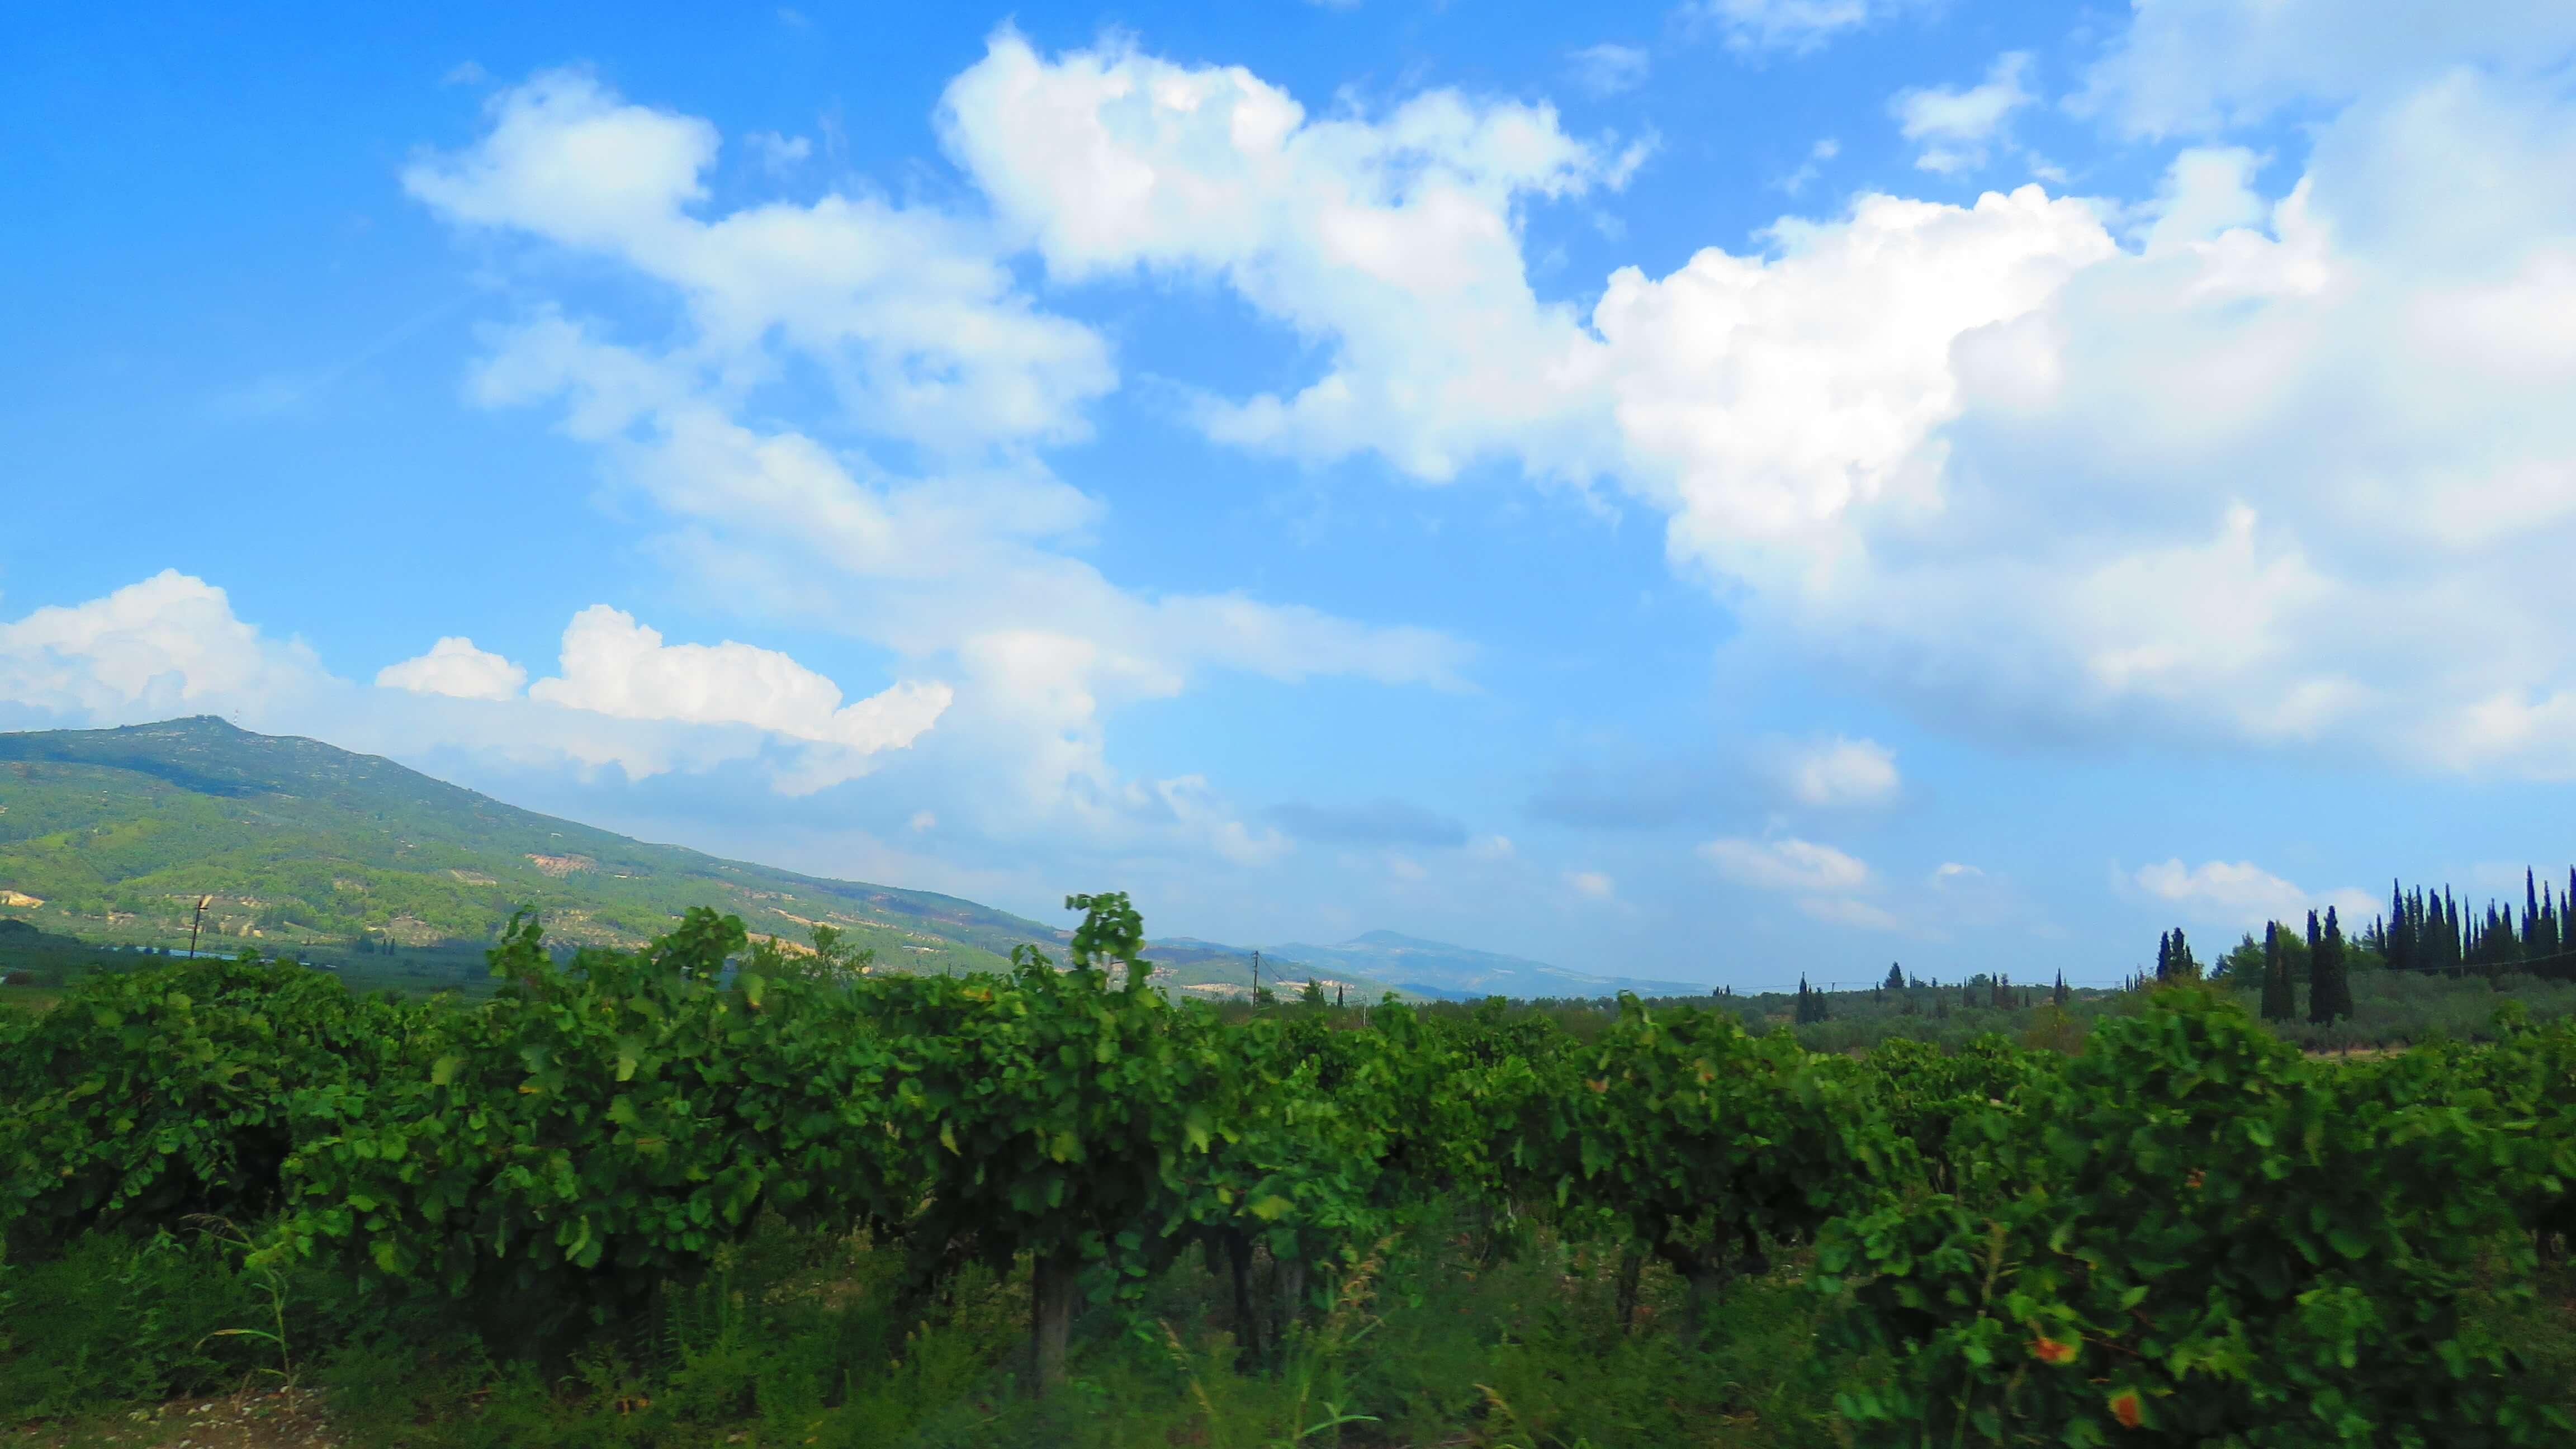 vinicolas-gregas-2